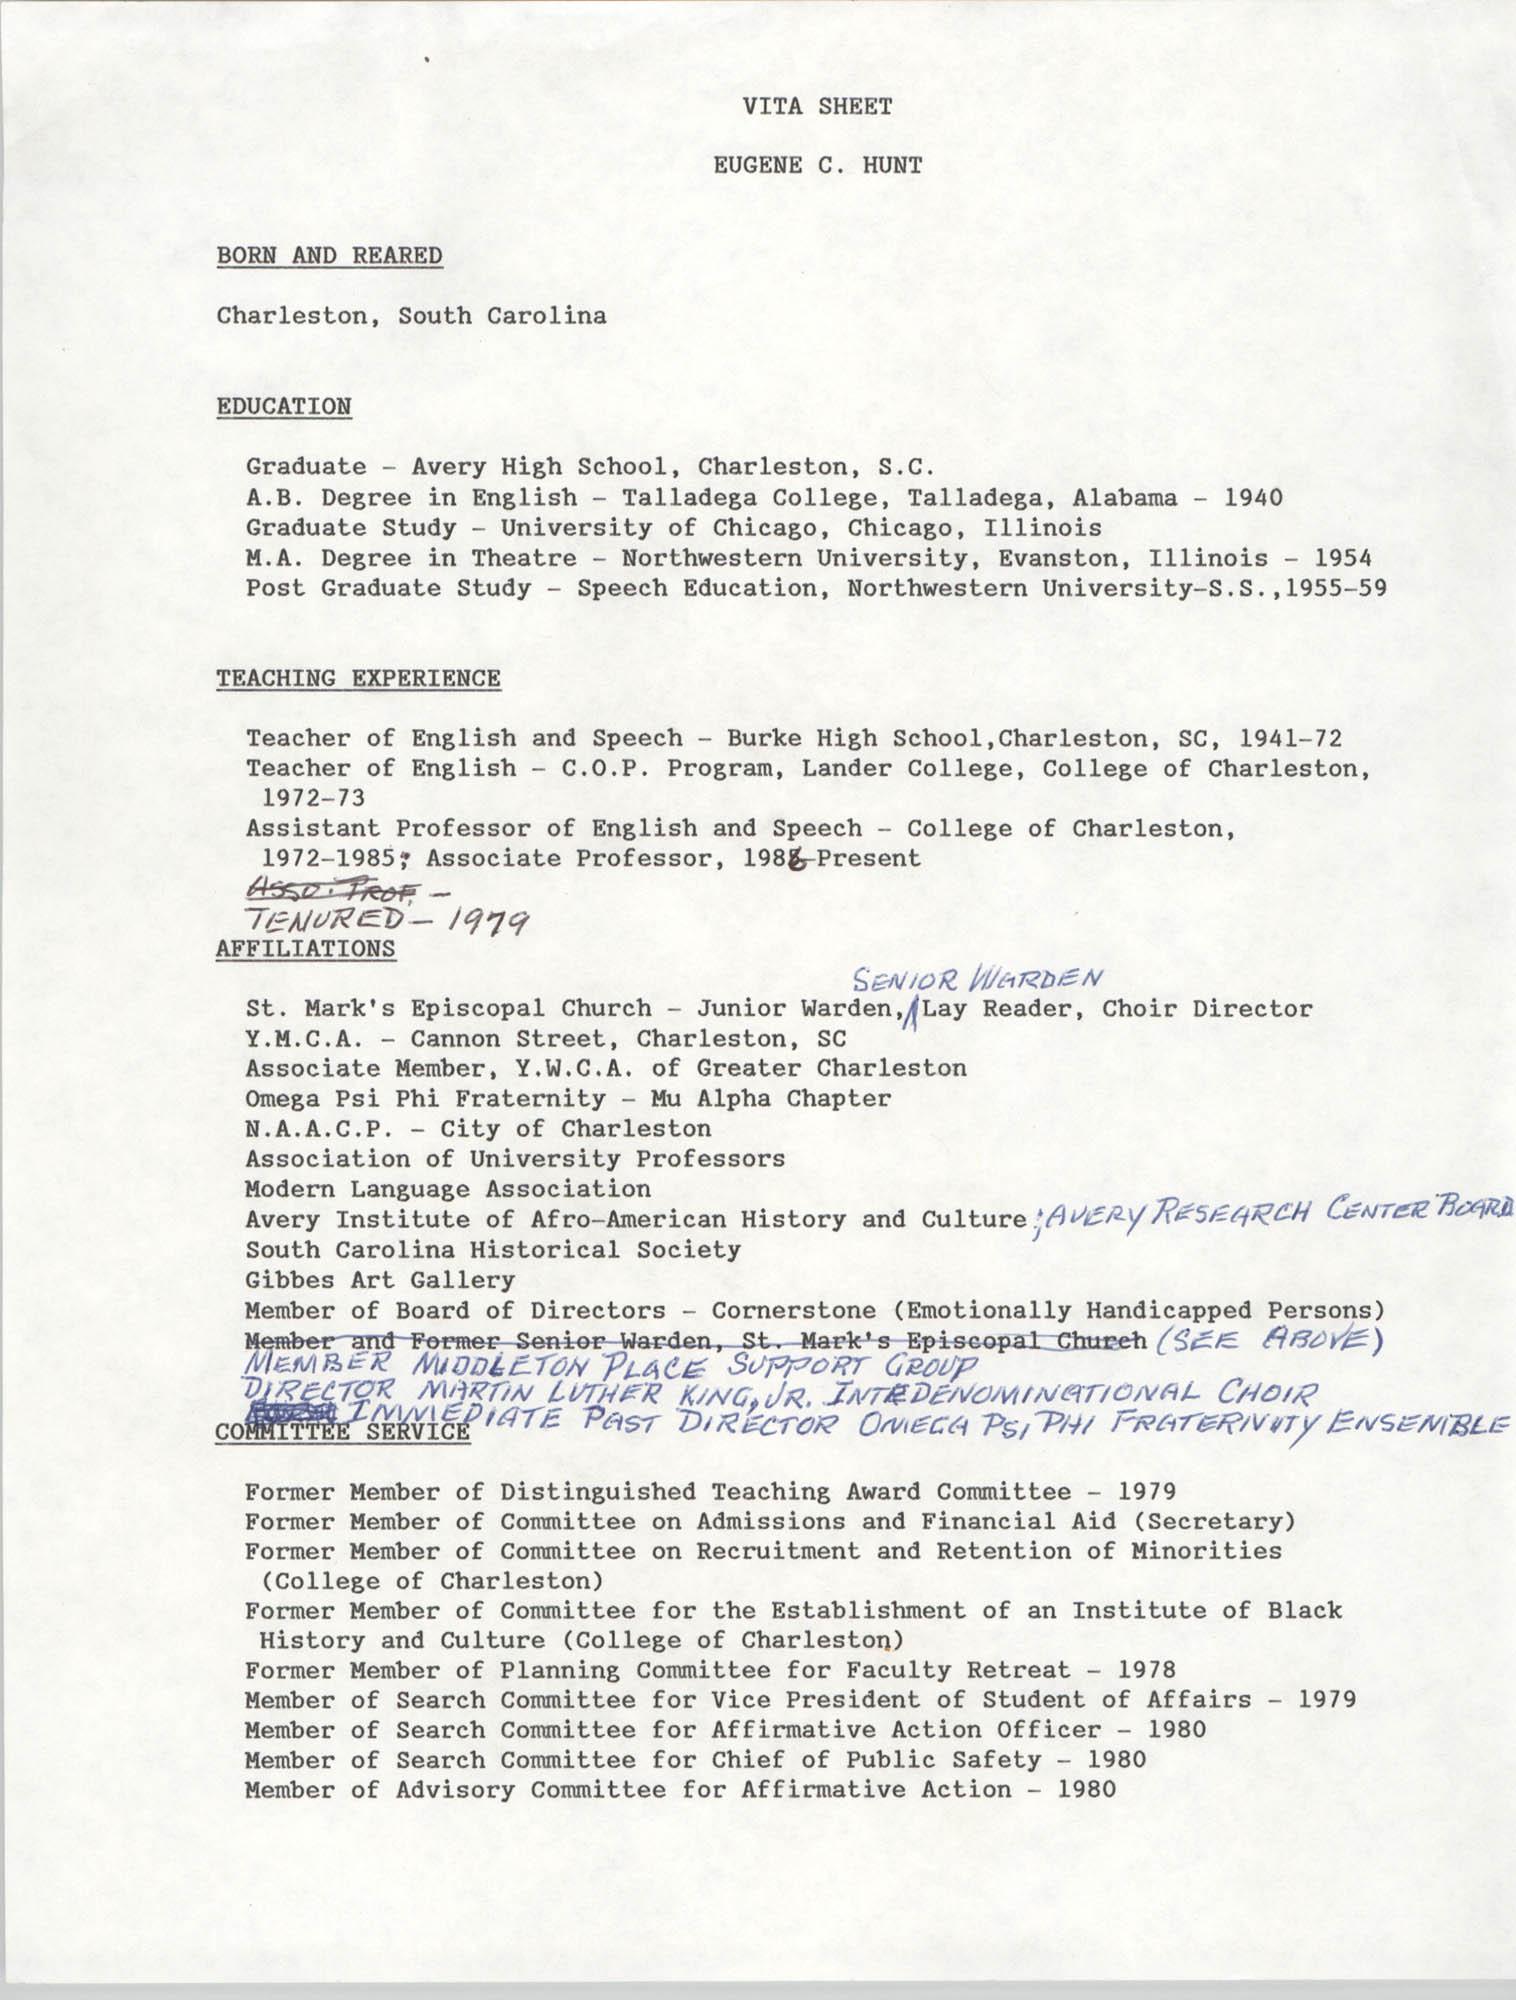 Vita Sheet, Eugene C. Hunt